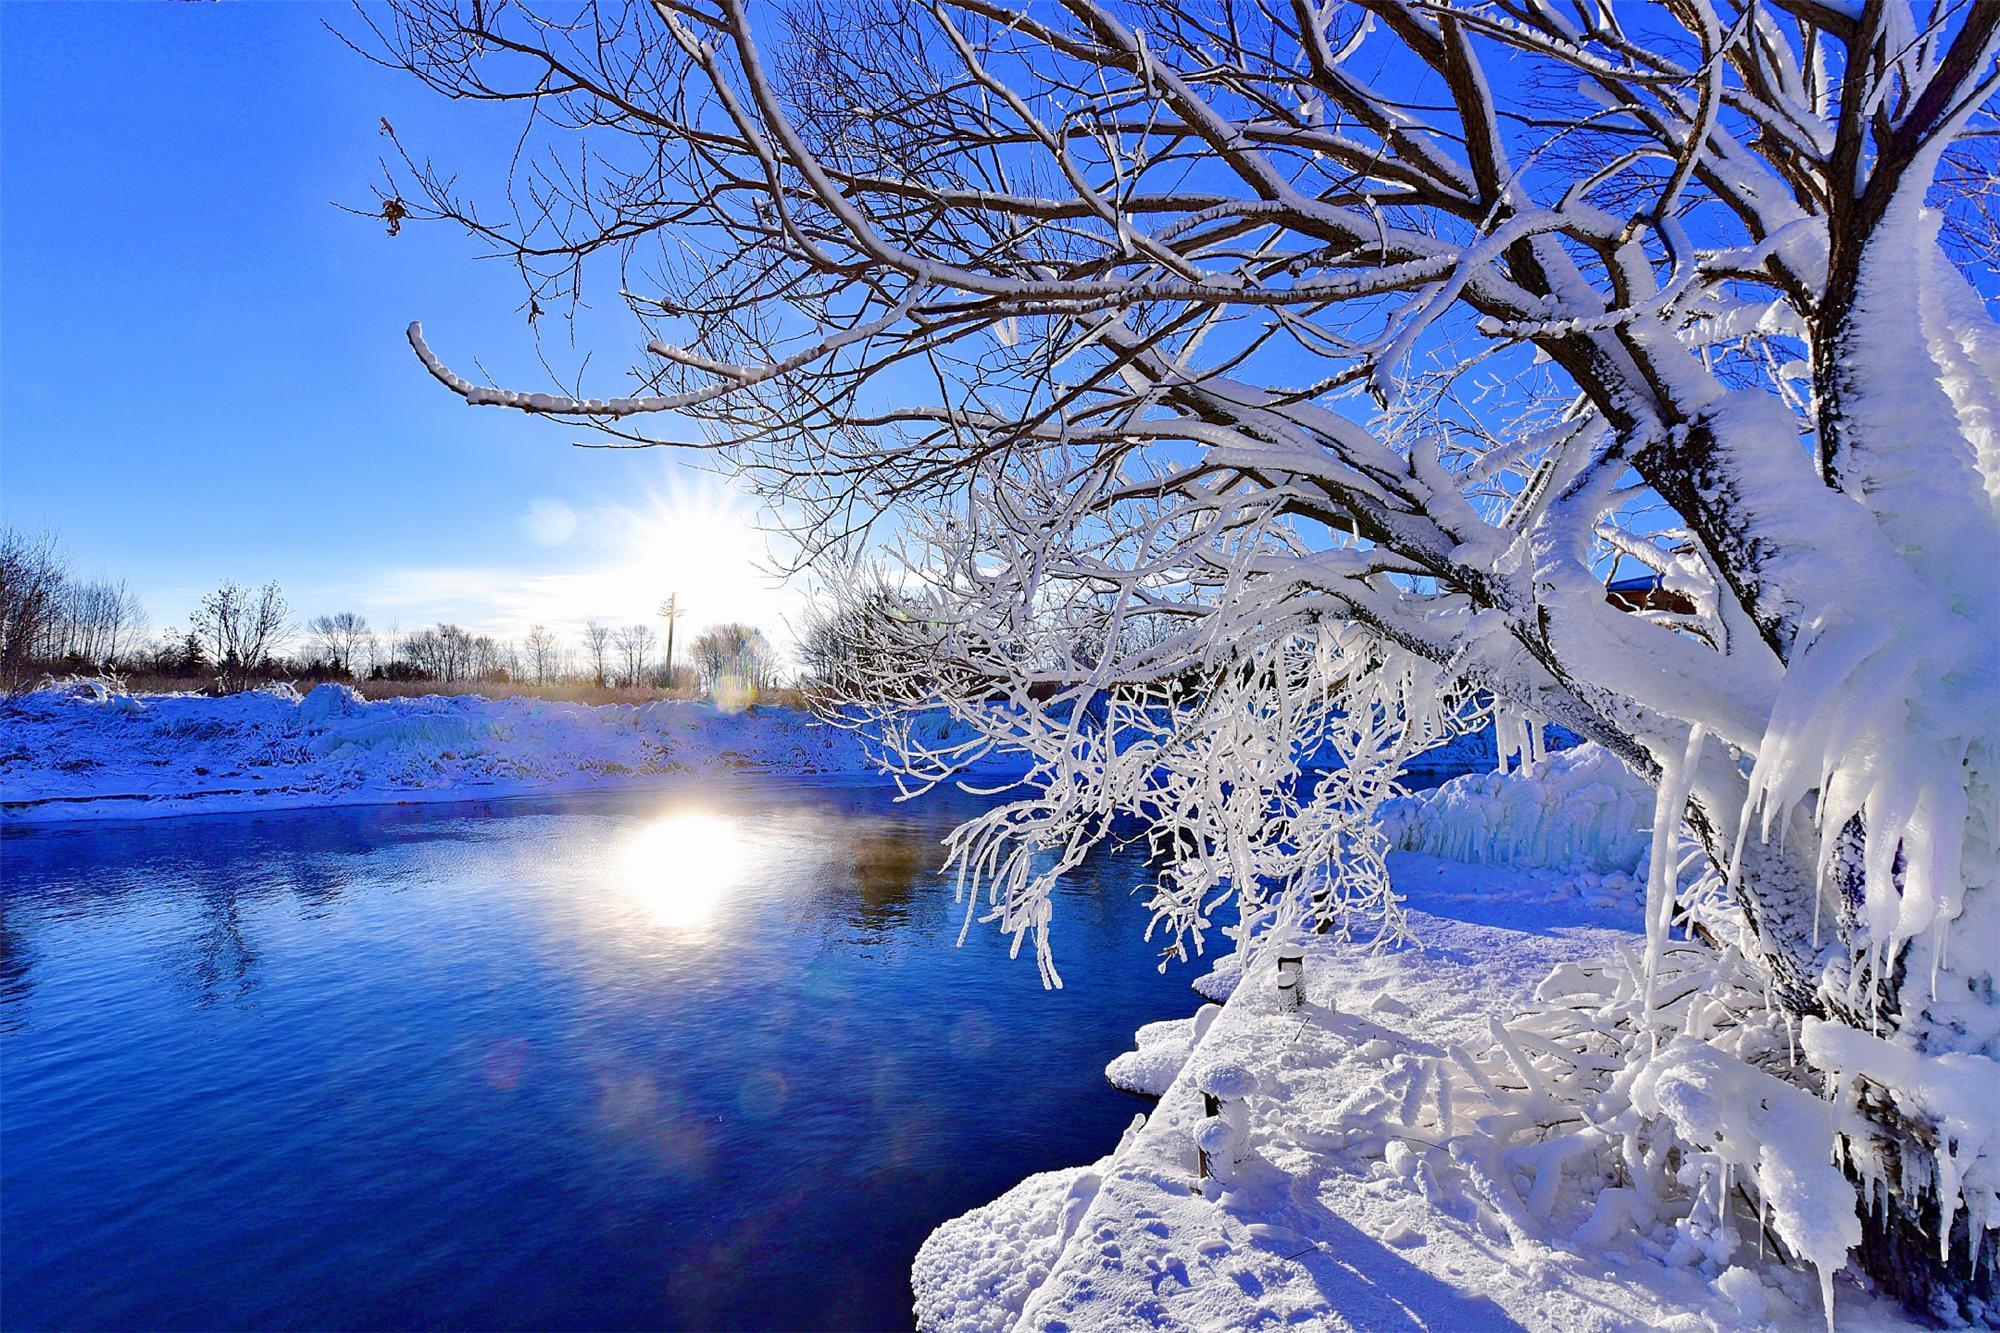 银装素裹的意思是_黑河最美的人气景区,风景如画,银装素裹,去过的人都说美_温泊